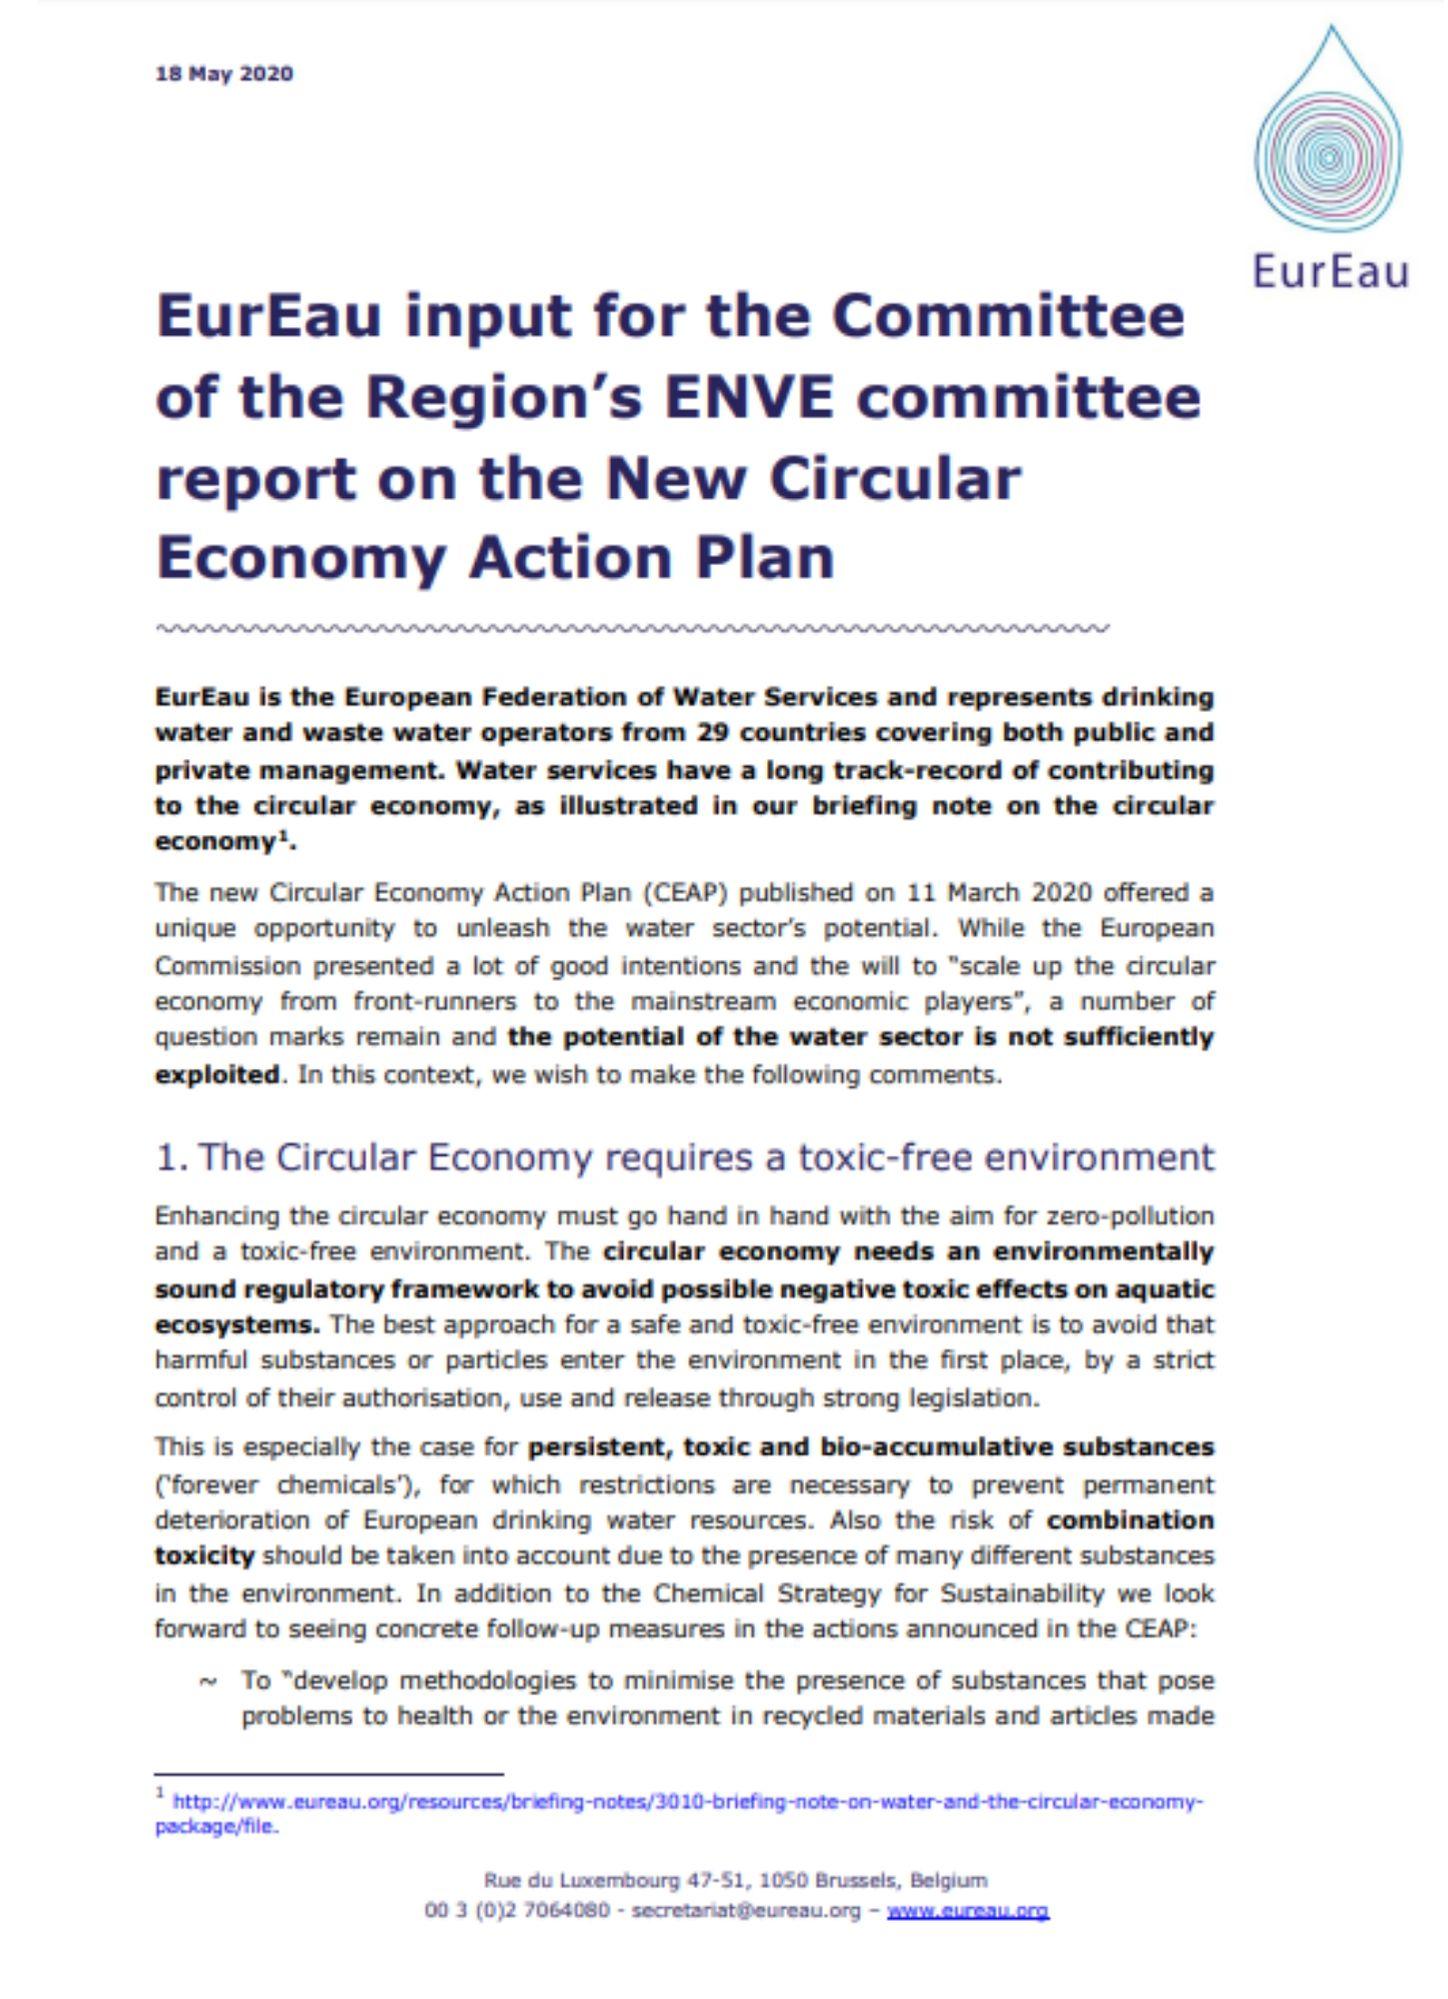 EurEau reaction to the Circular Economy Action Plan